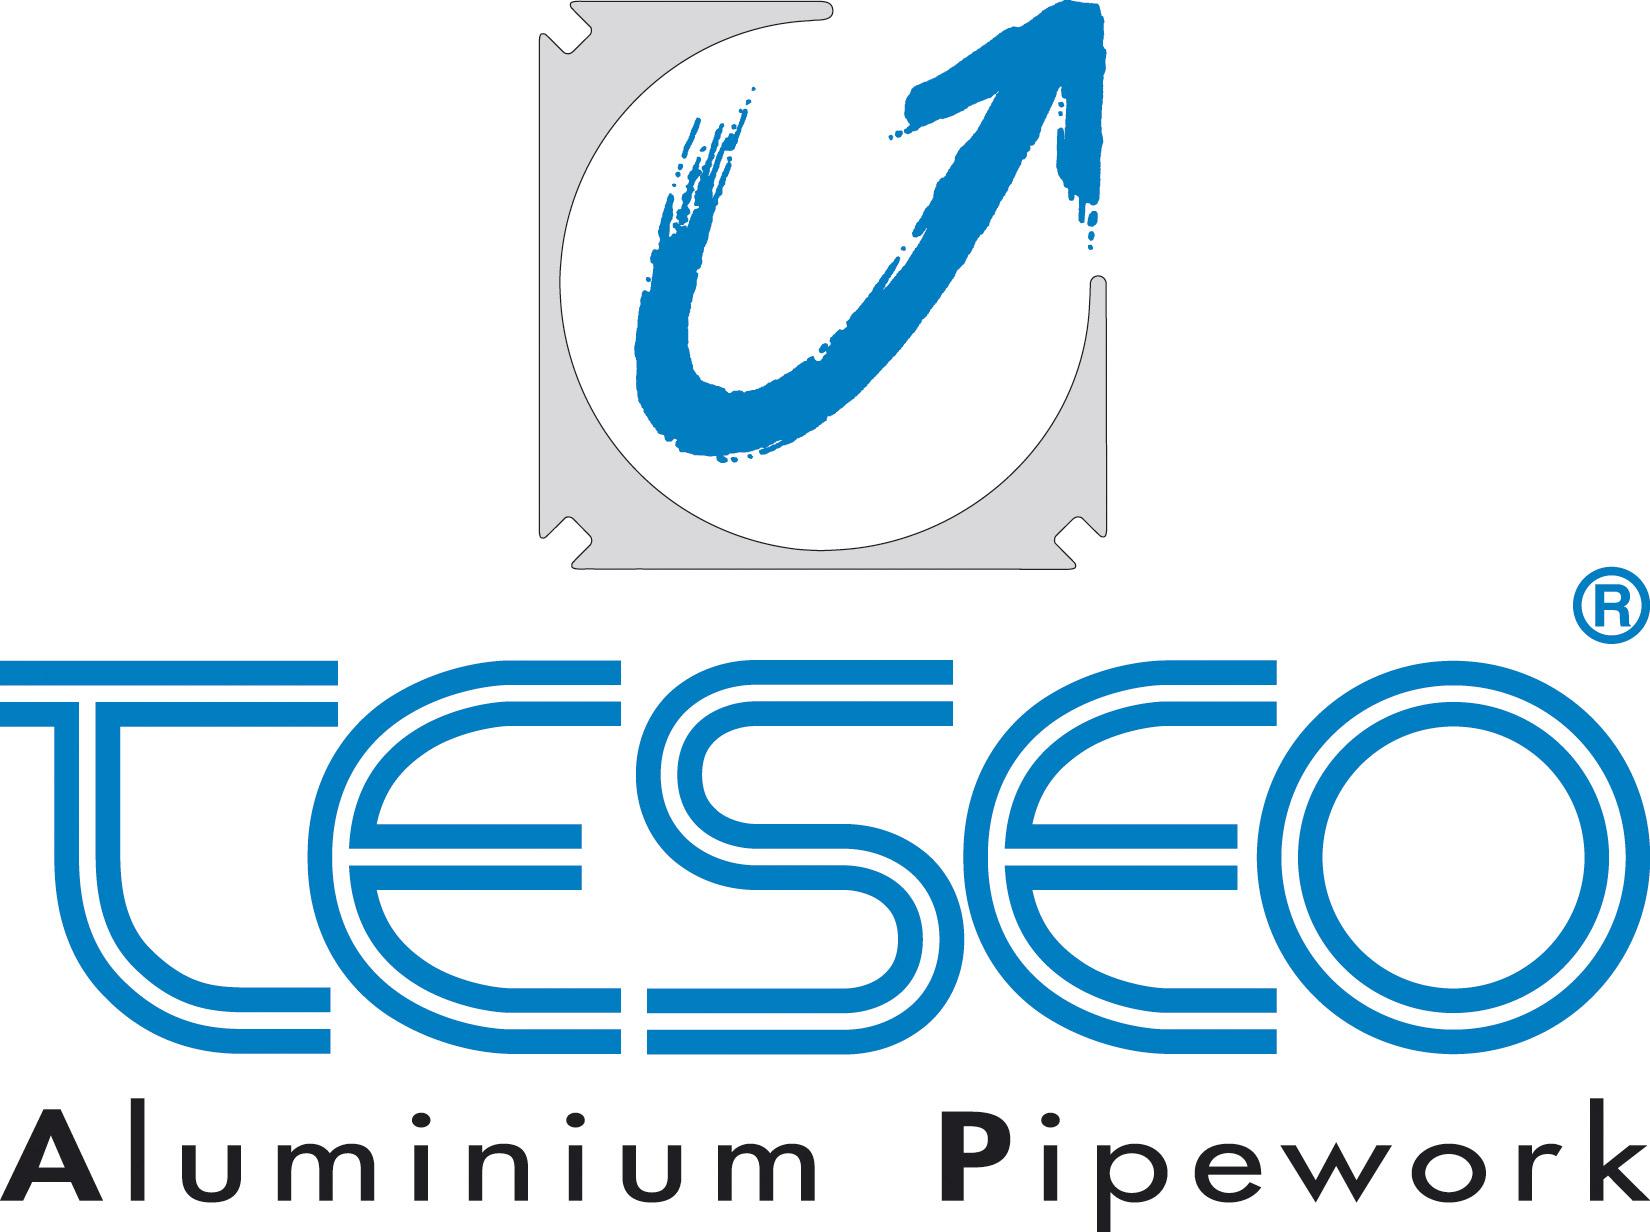 Teseo Aluminium Pipework - logo